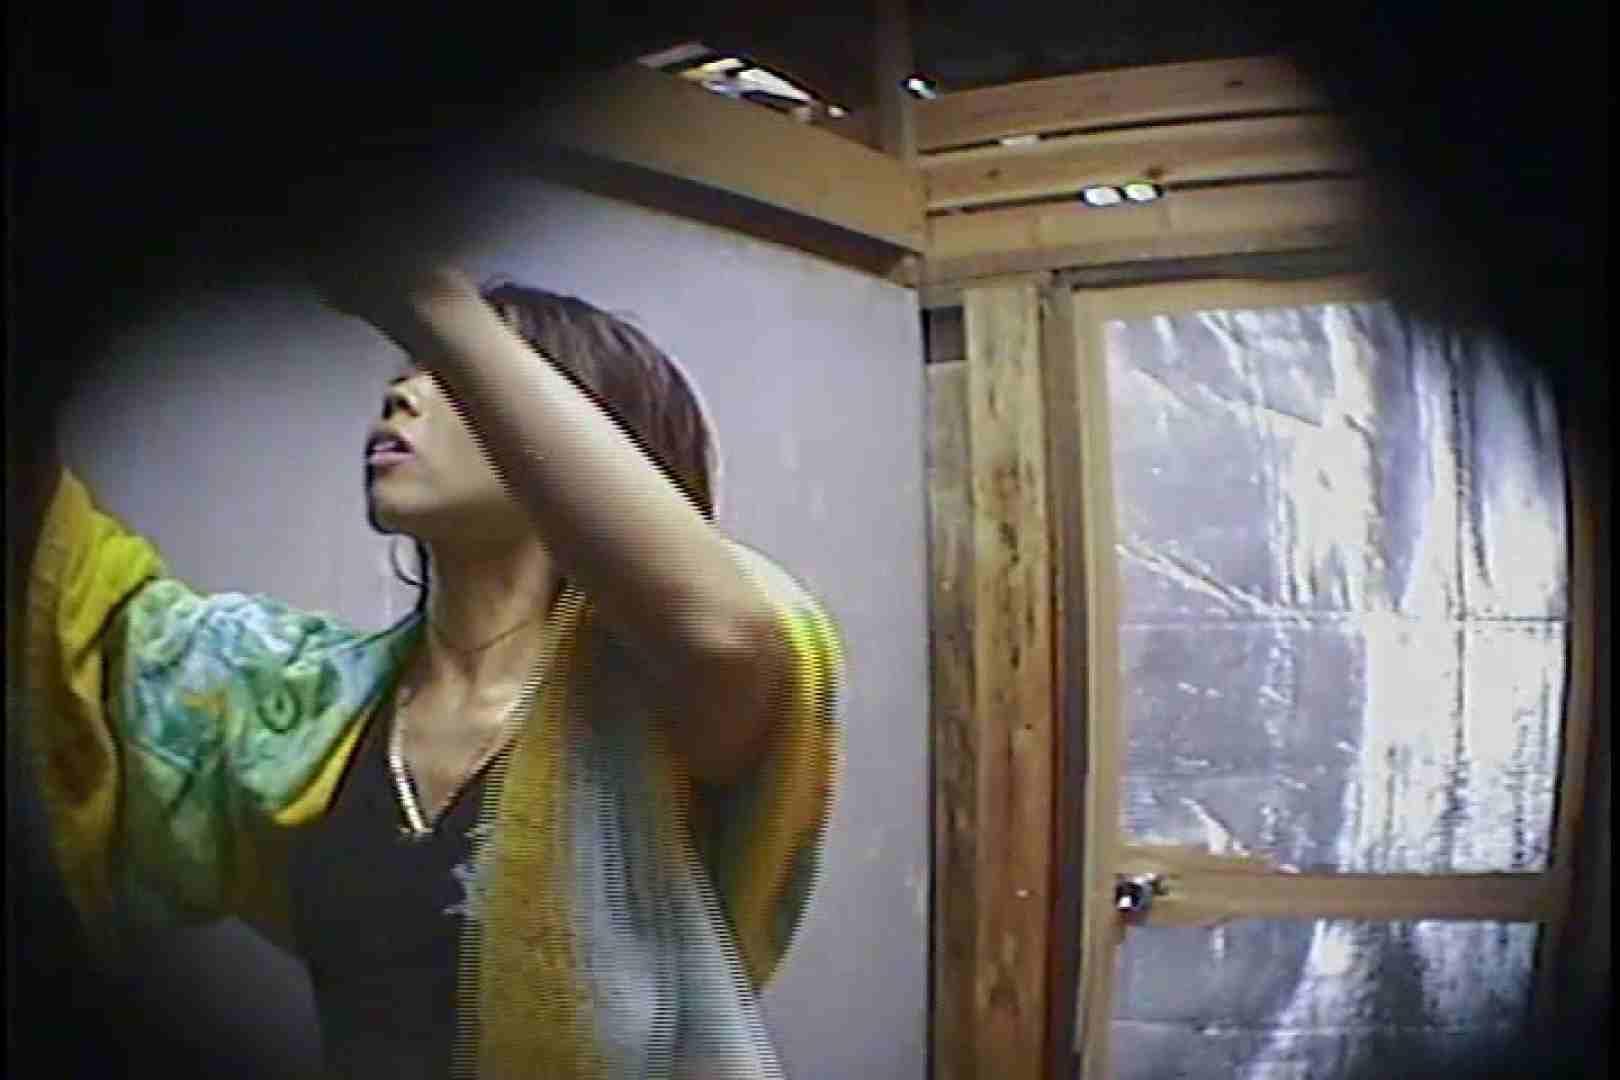 海の家の更衣室 Vol.45 シャワー中 | 美女達のヌード  64連発 16